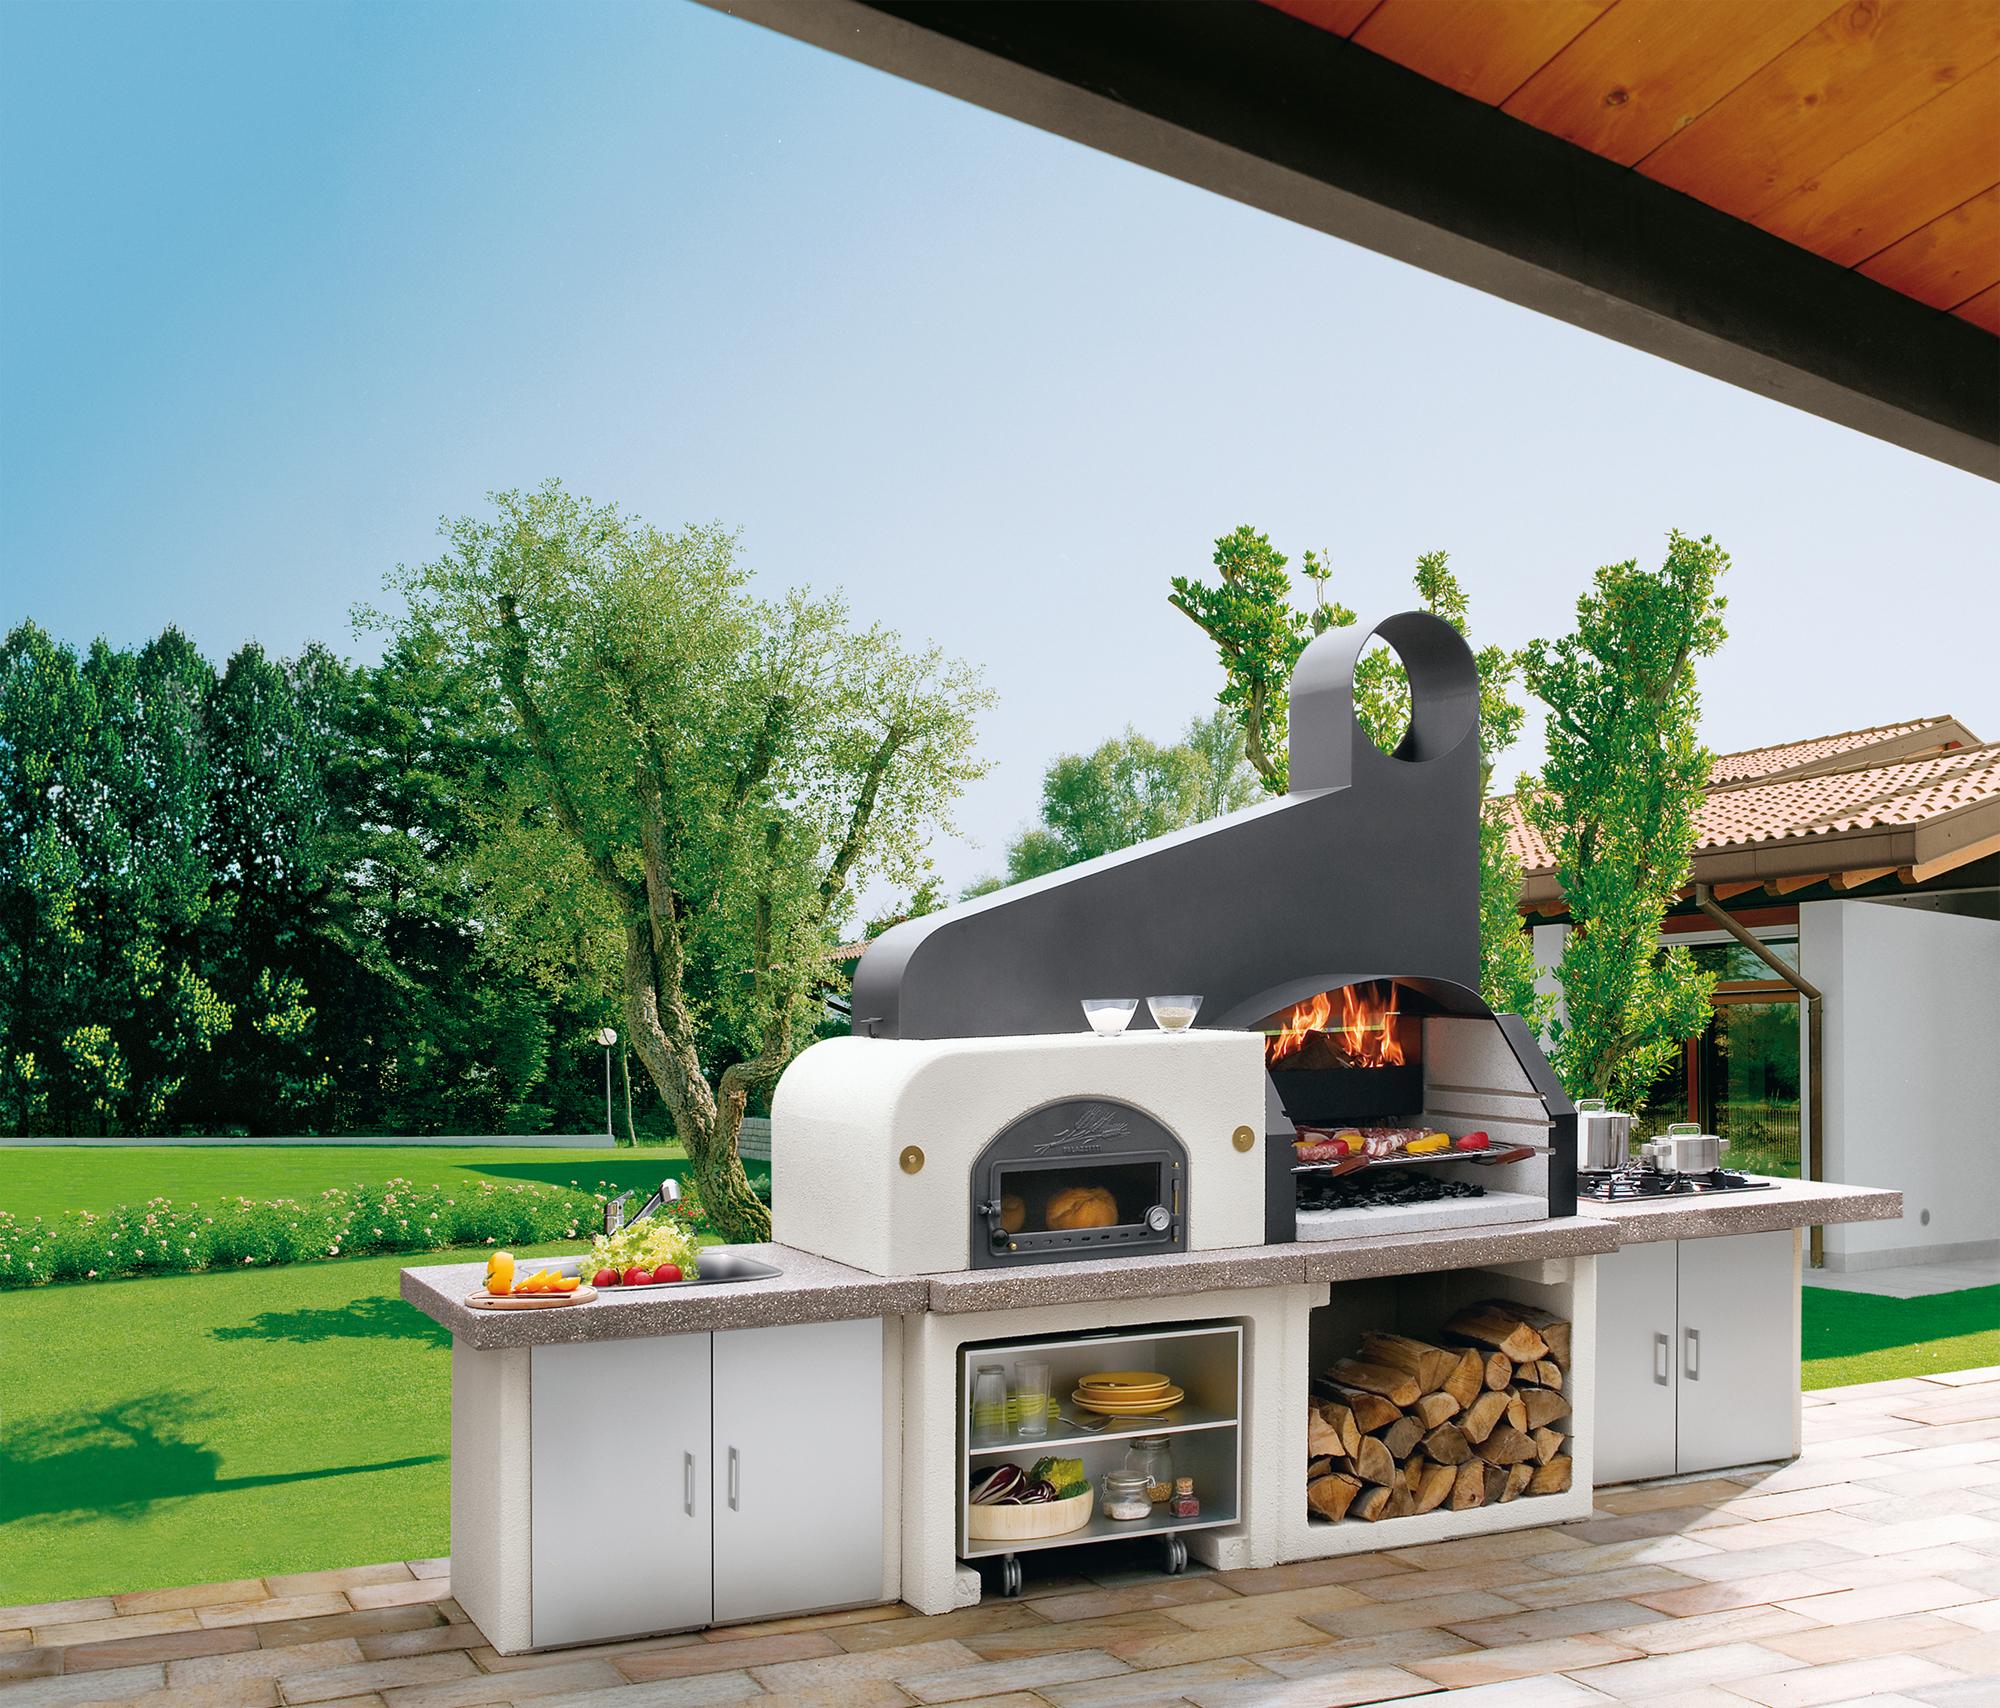 Gartenküche und Outdoorküche - Grillen im Garten